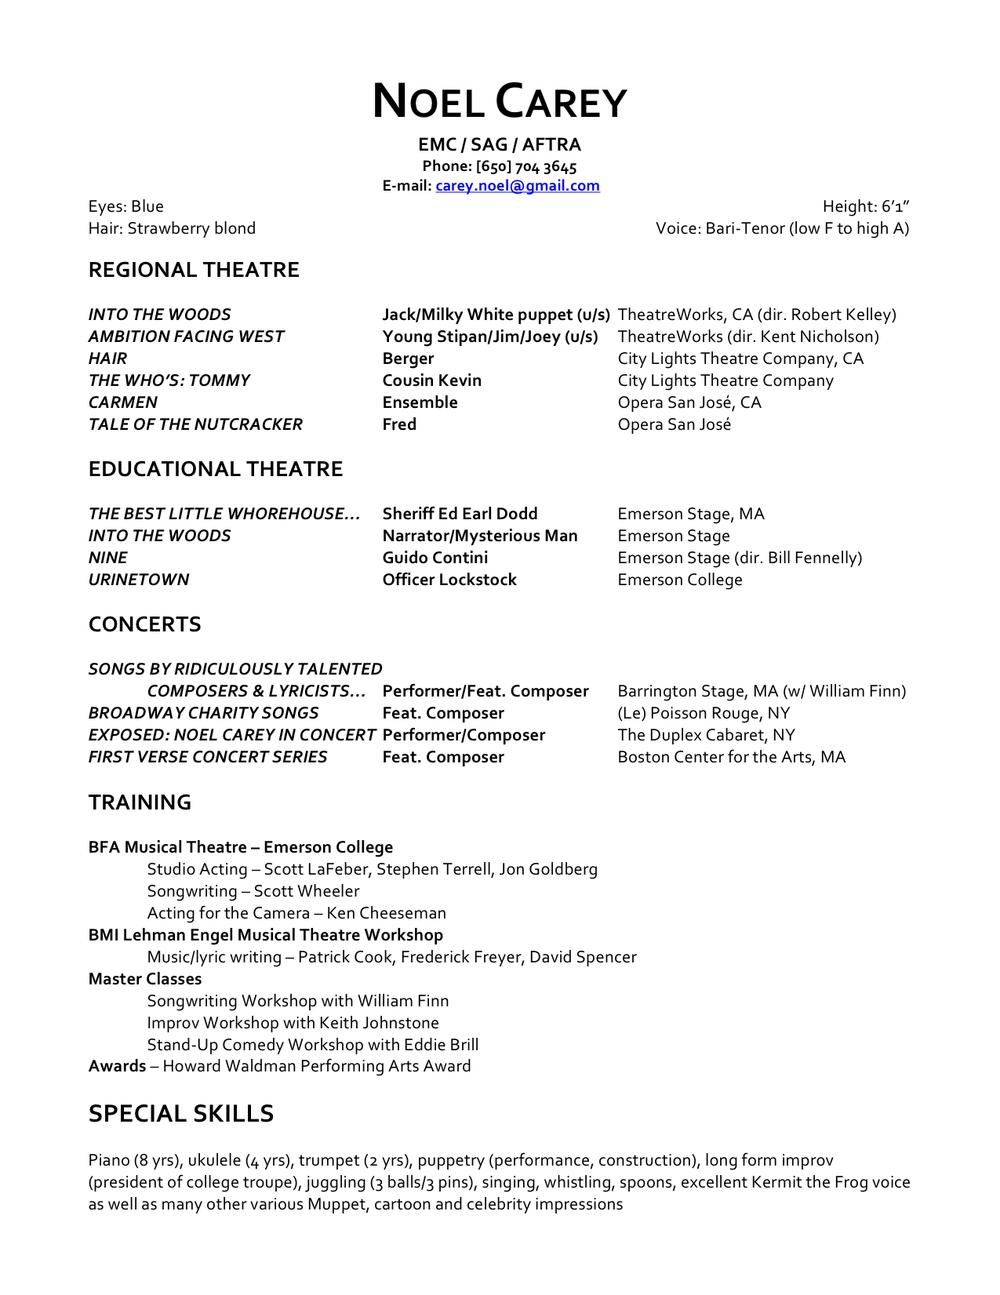 Resume — Noel Carey